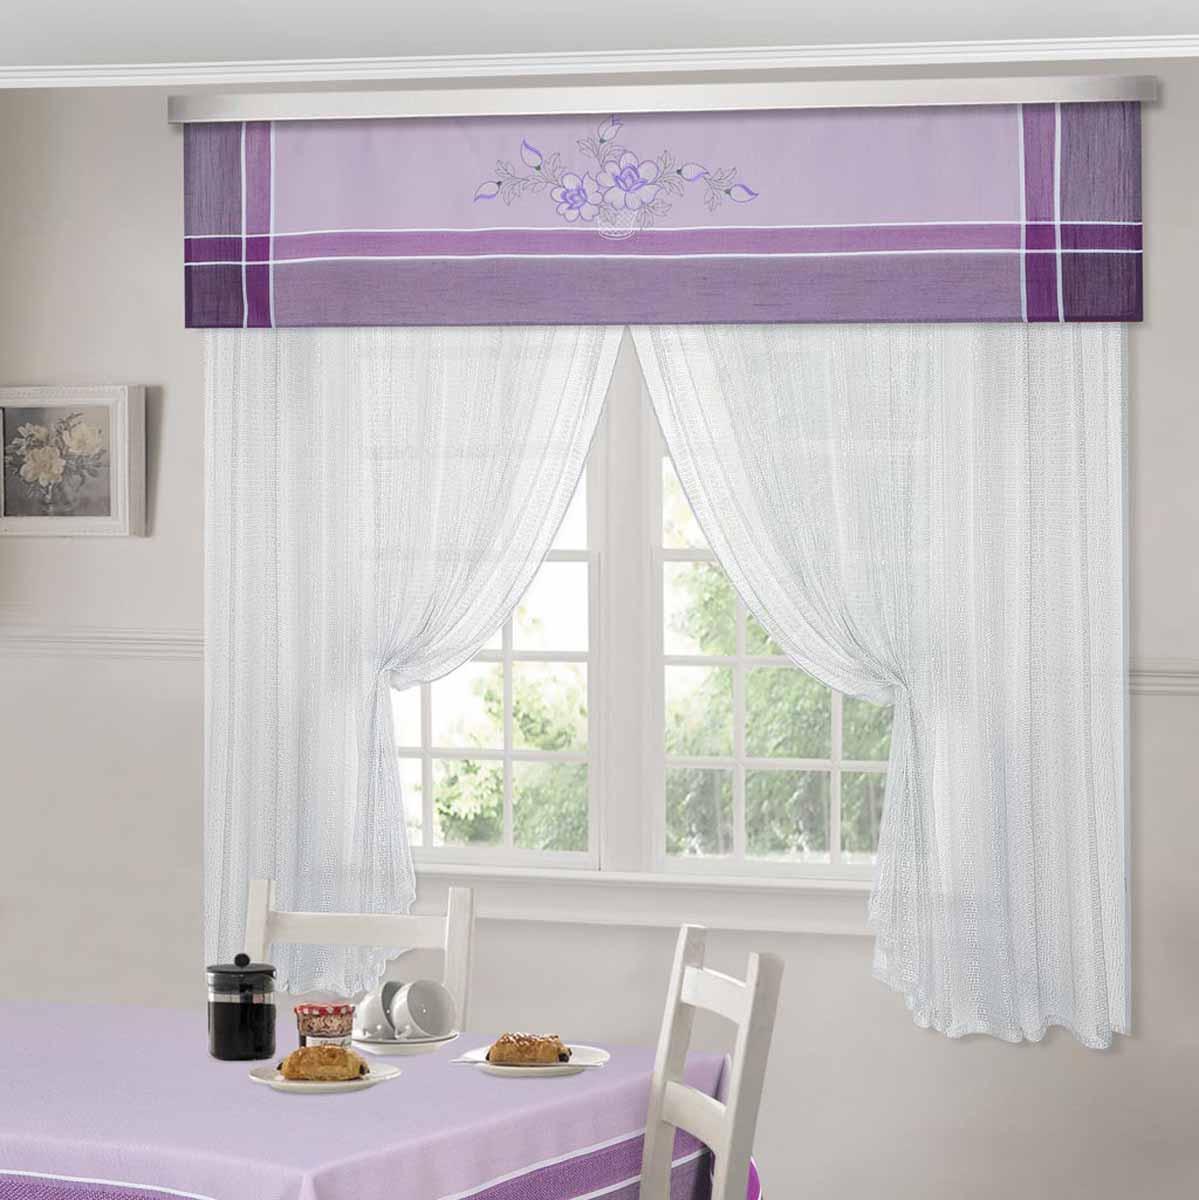 Комплект штор ТД Текстиль Шик, на ленте, цвет: сиреневый, высота 180 см. 9252592525Шторы выполнены из искусственной ткани под лен. Цвета в ассортименте. В наличии присутствуют скатерти из этой же ткани в двух размерах.